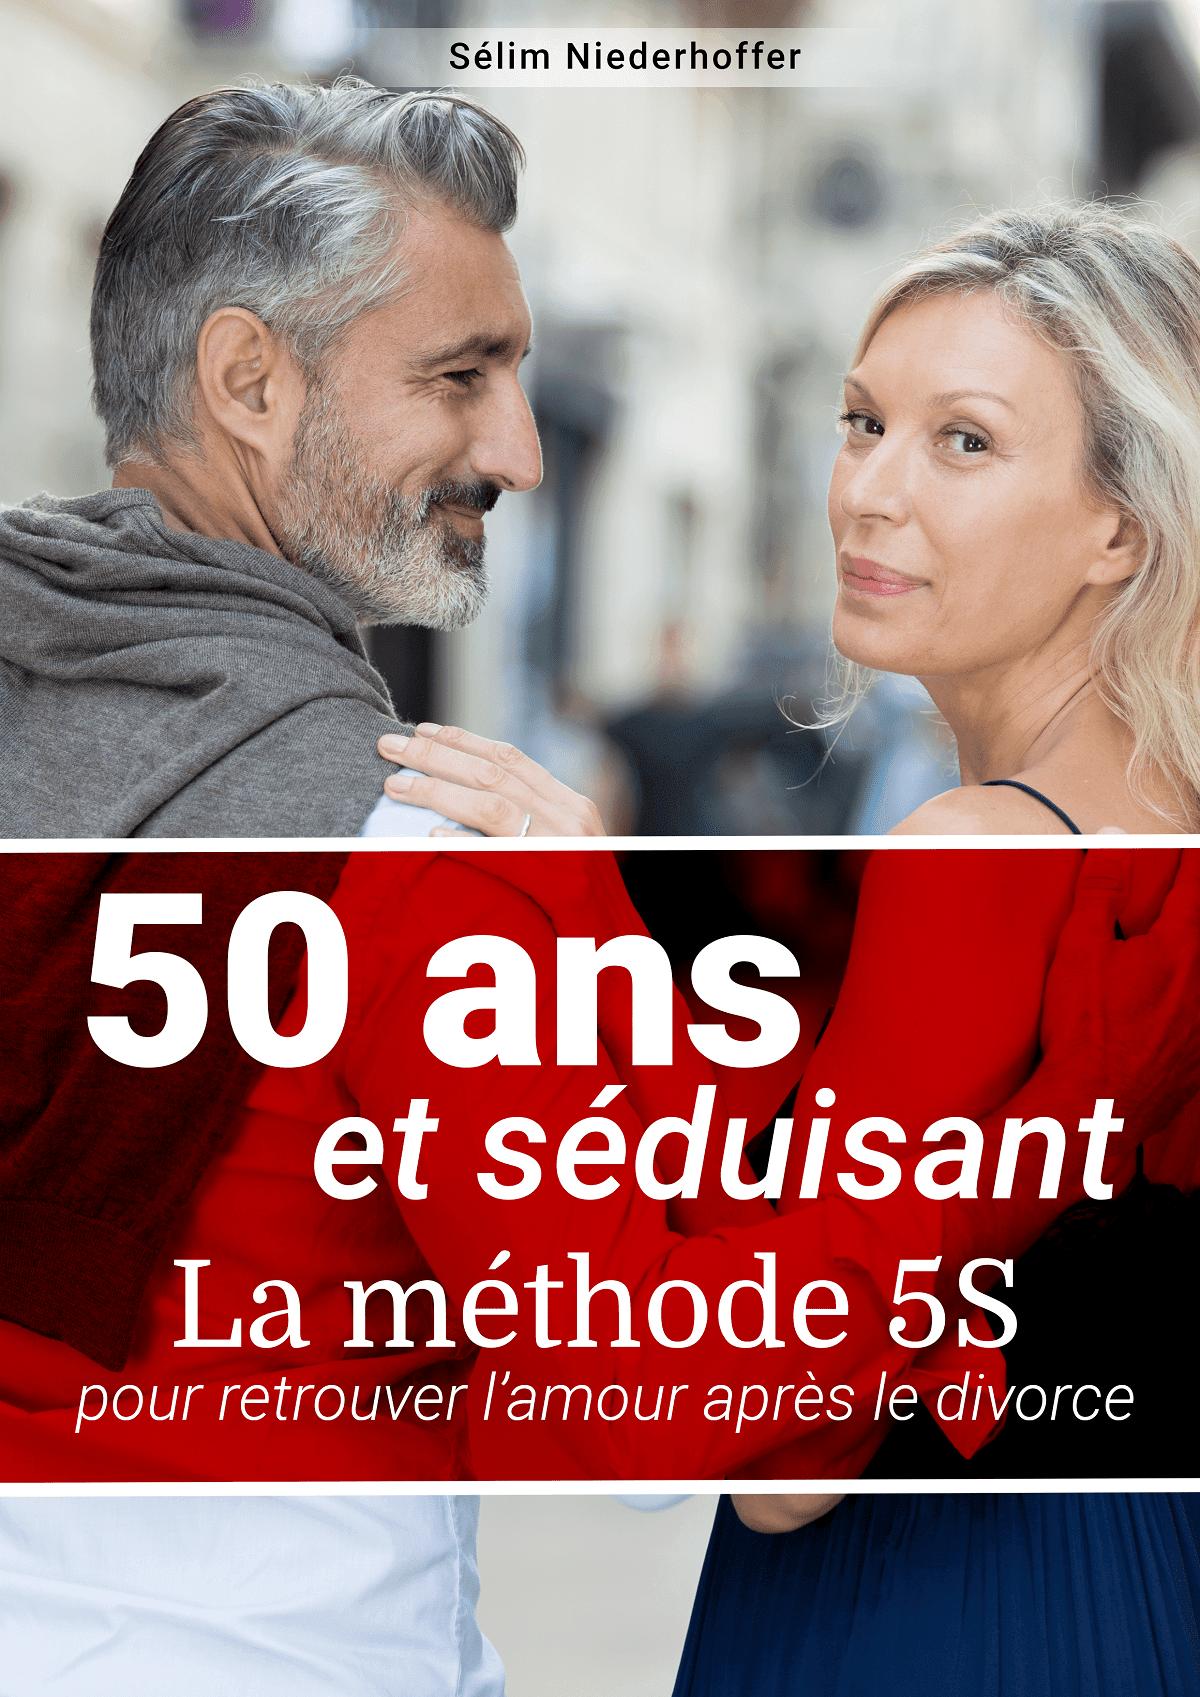 50 ans et séduisant : Trouver l'amour après un divorce